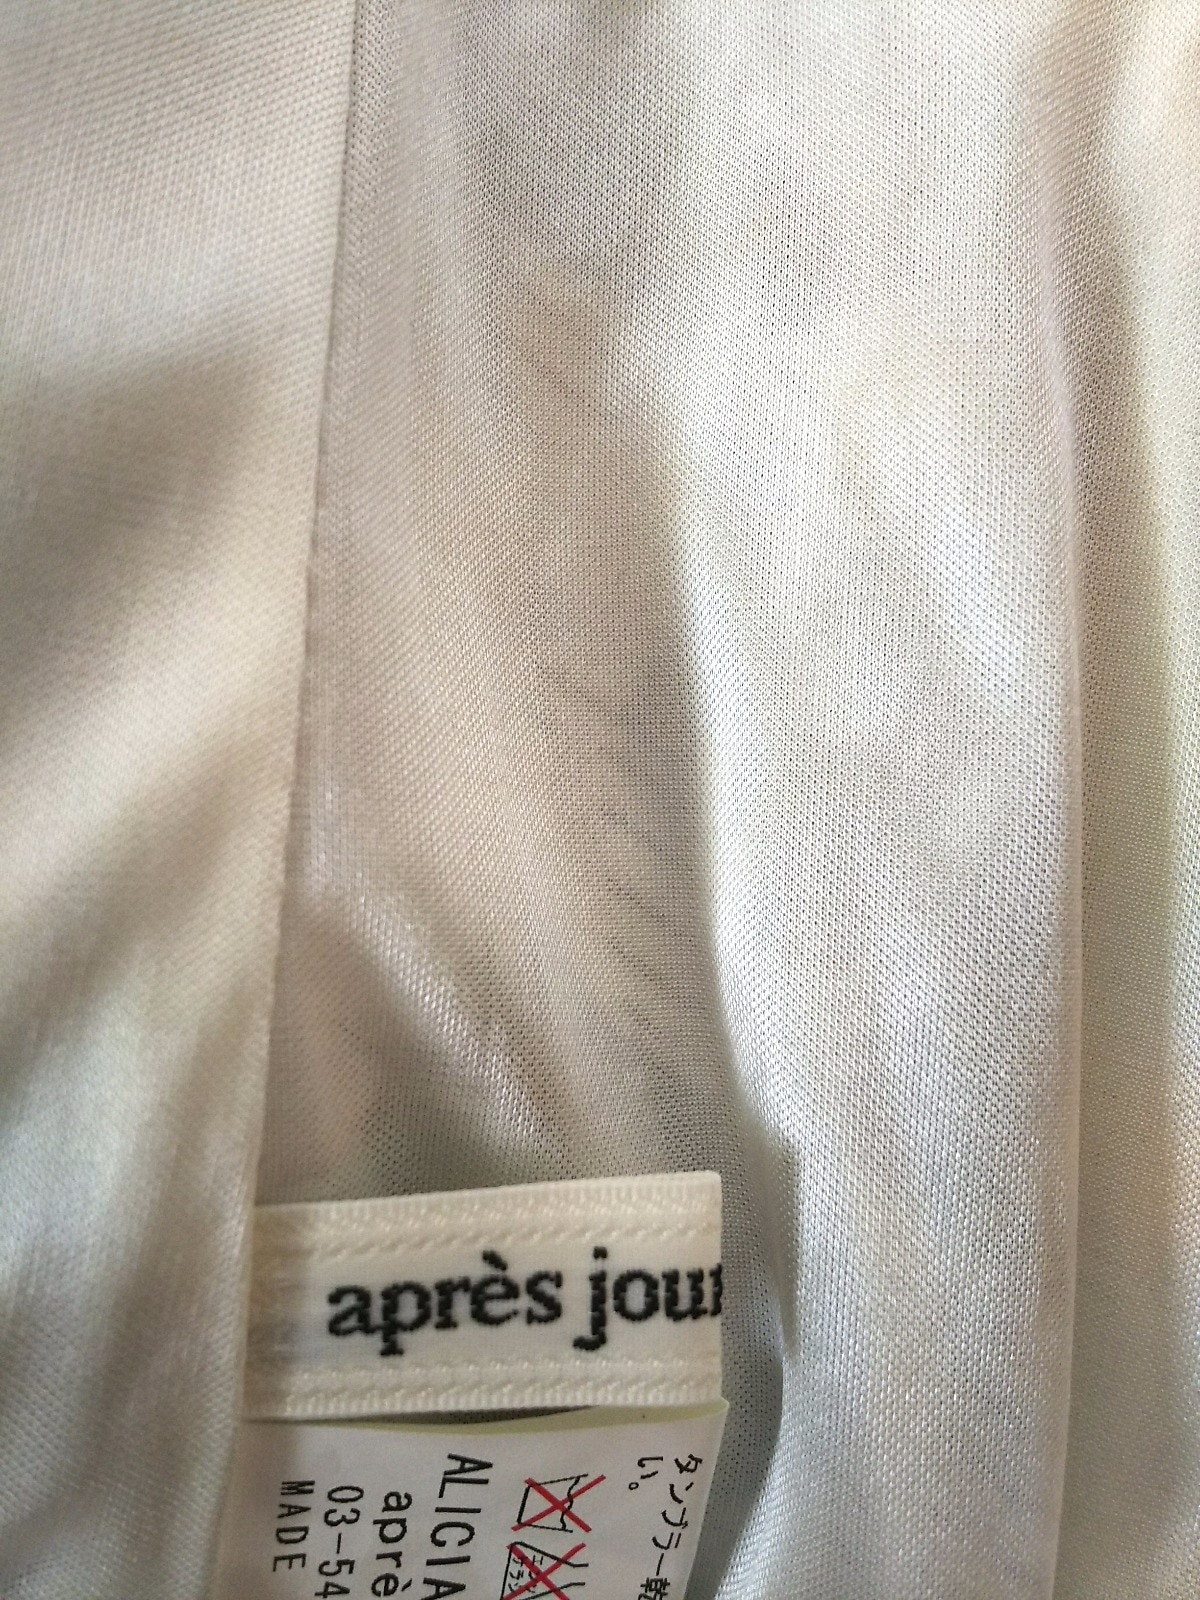 apresjour(アプレジュール)のワンピース